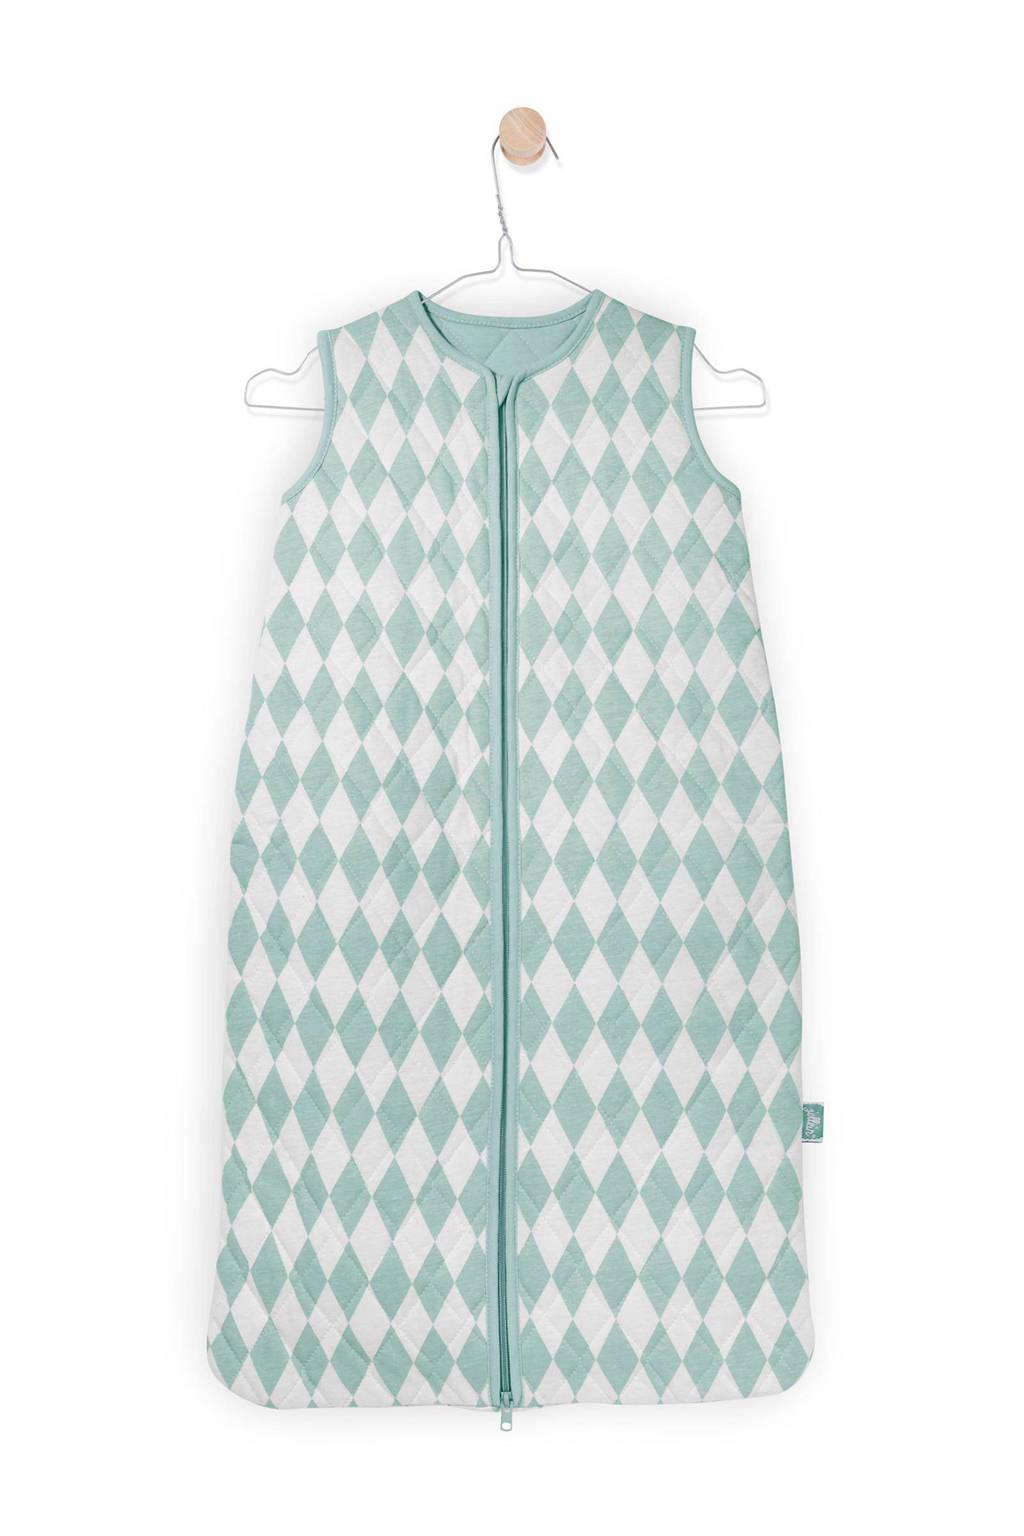 Jollein Diamond winter baby slaapzak 18-24 mnd vintage green, Vintage Green, 110